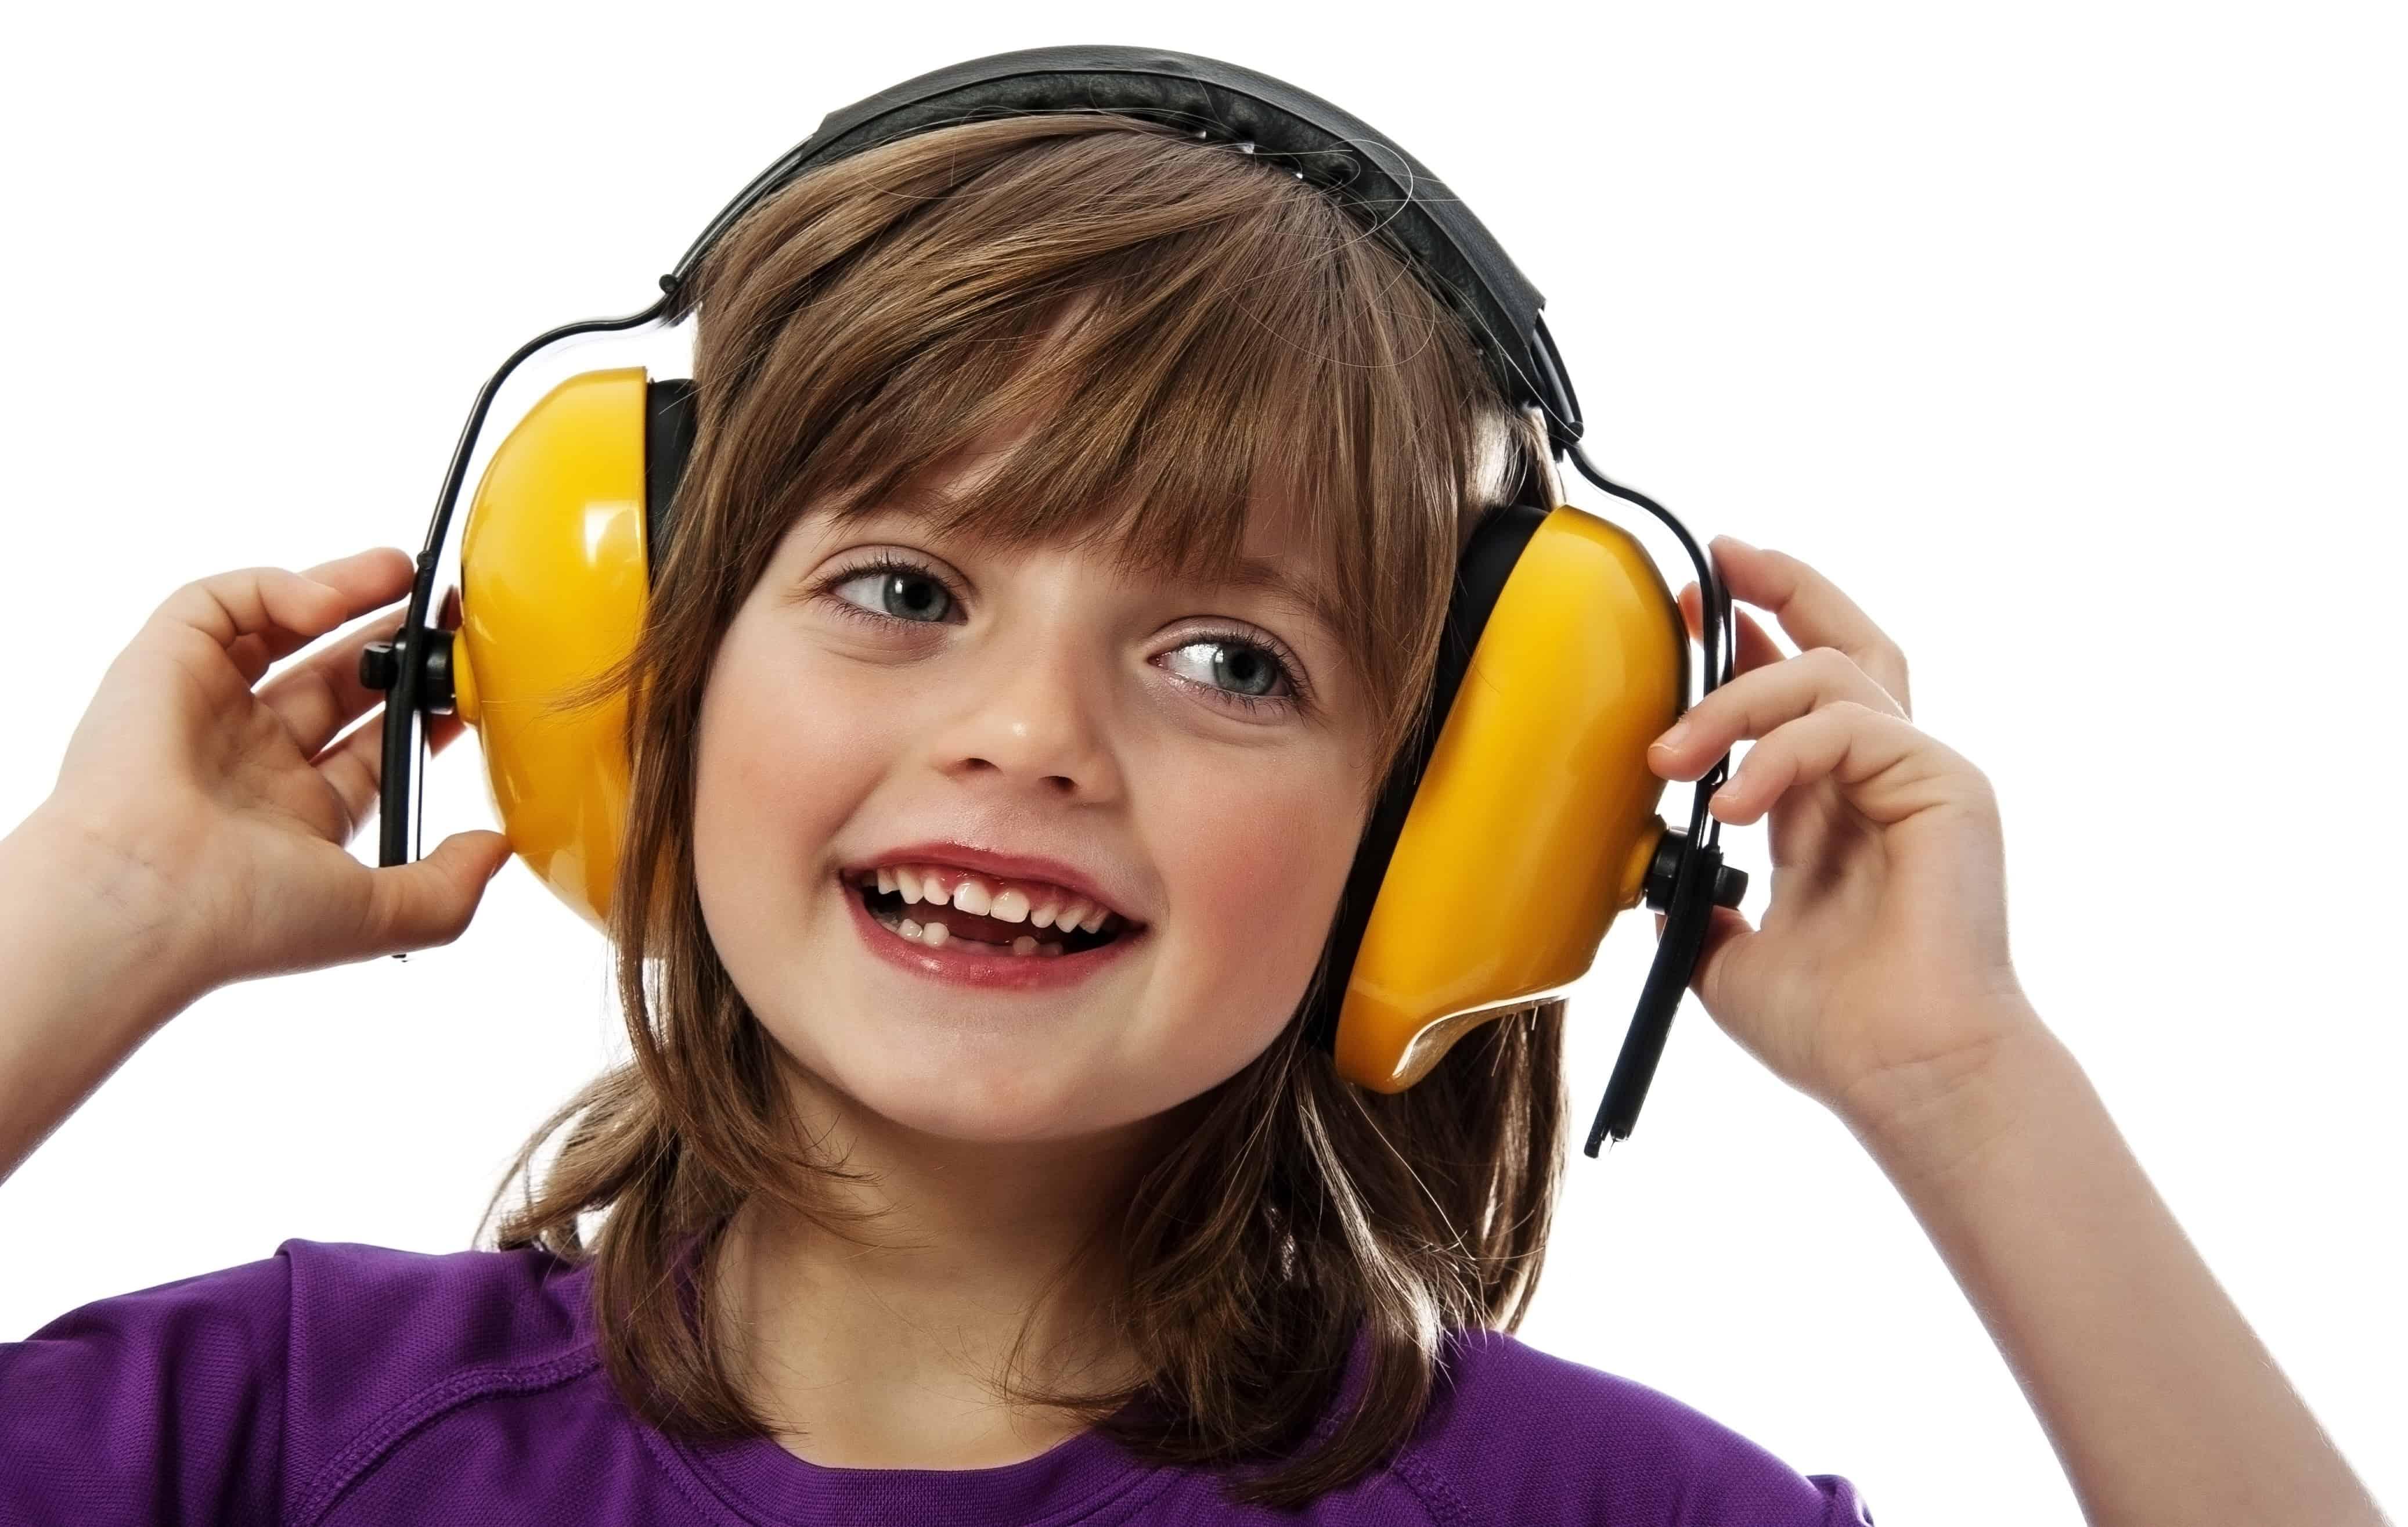 Kindergehörschutz: Test & Empfehlungen (01/20)